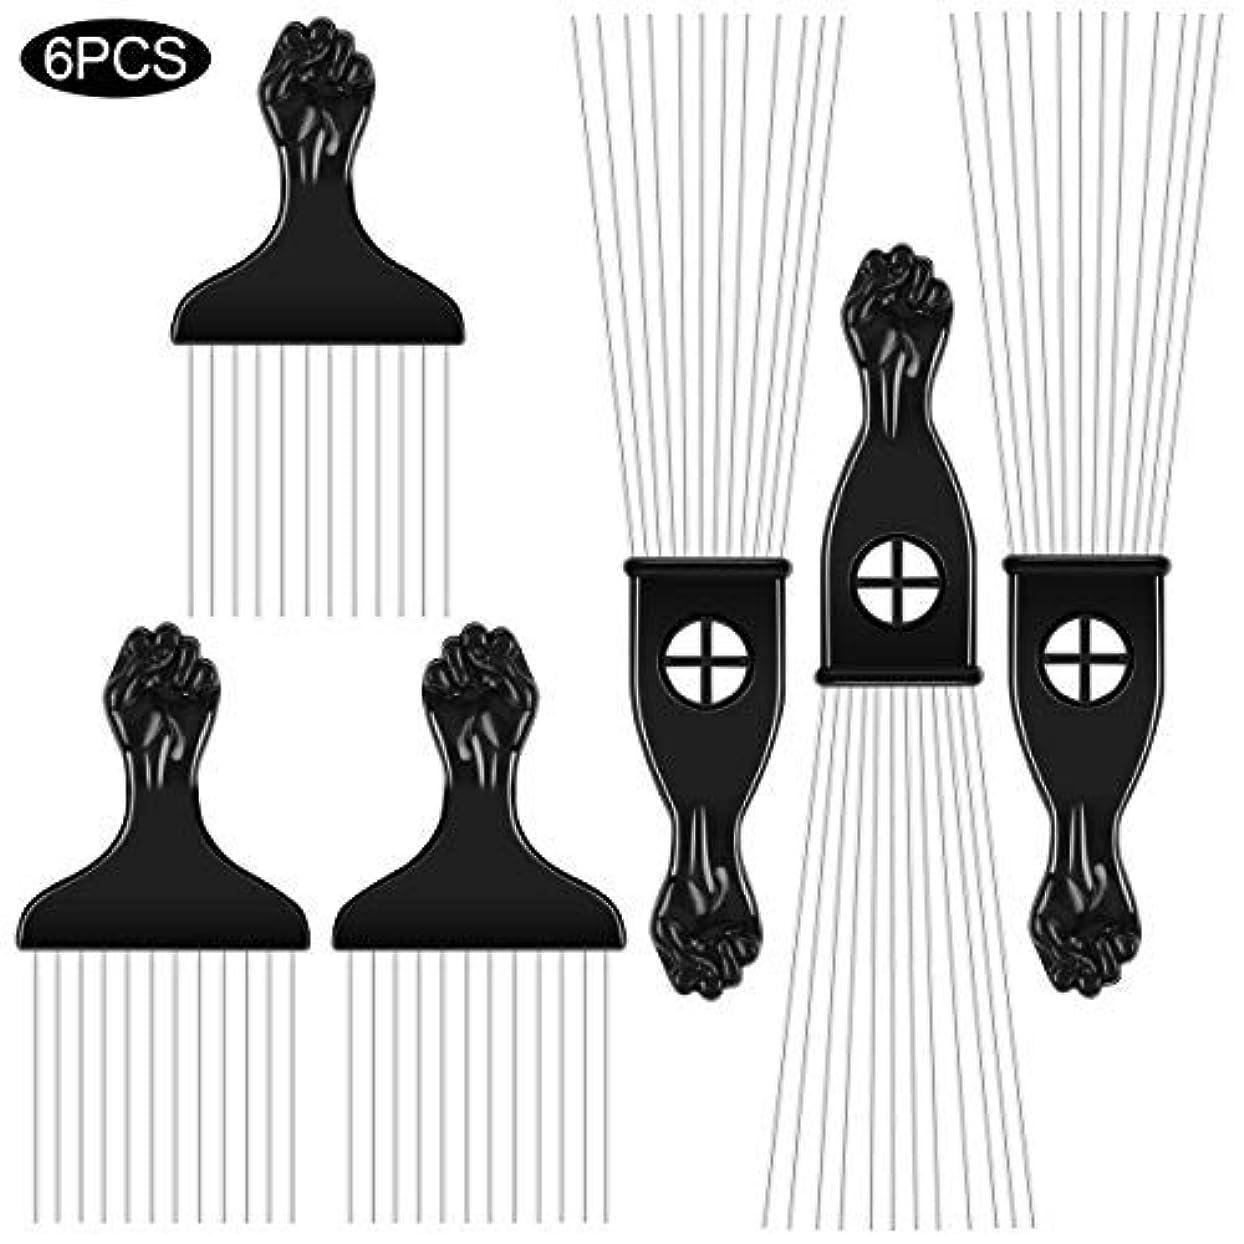 開いた大きなスケールで見ると無声で6PCS Afro Combs Metal African American black Fist Pick Comb Hairdressing Styling Tool [並行輸入品]